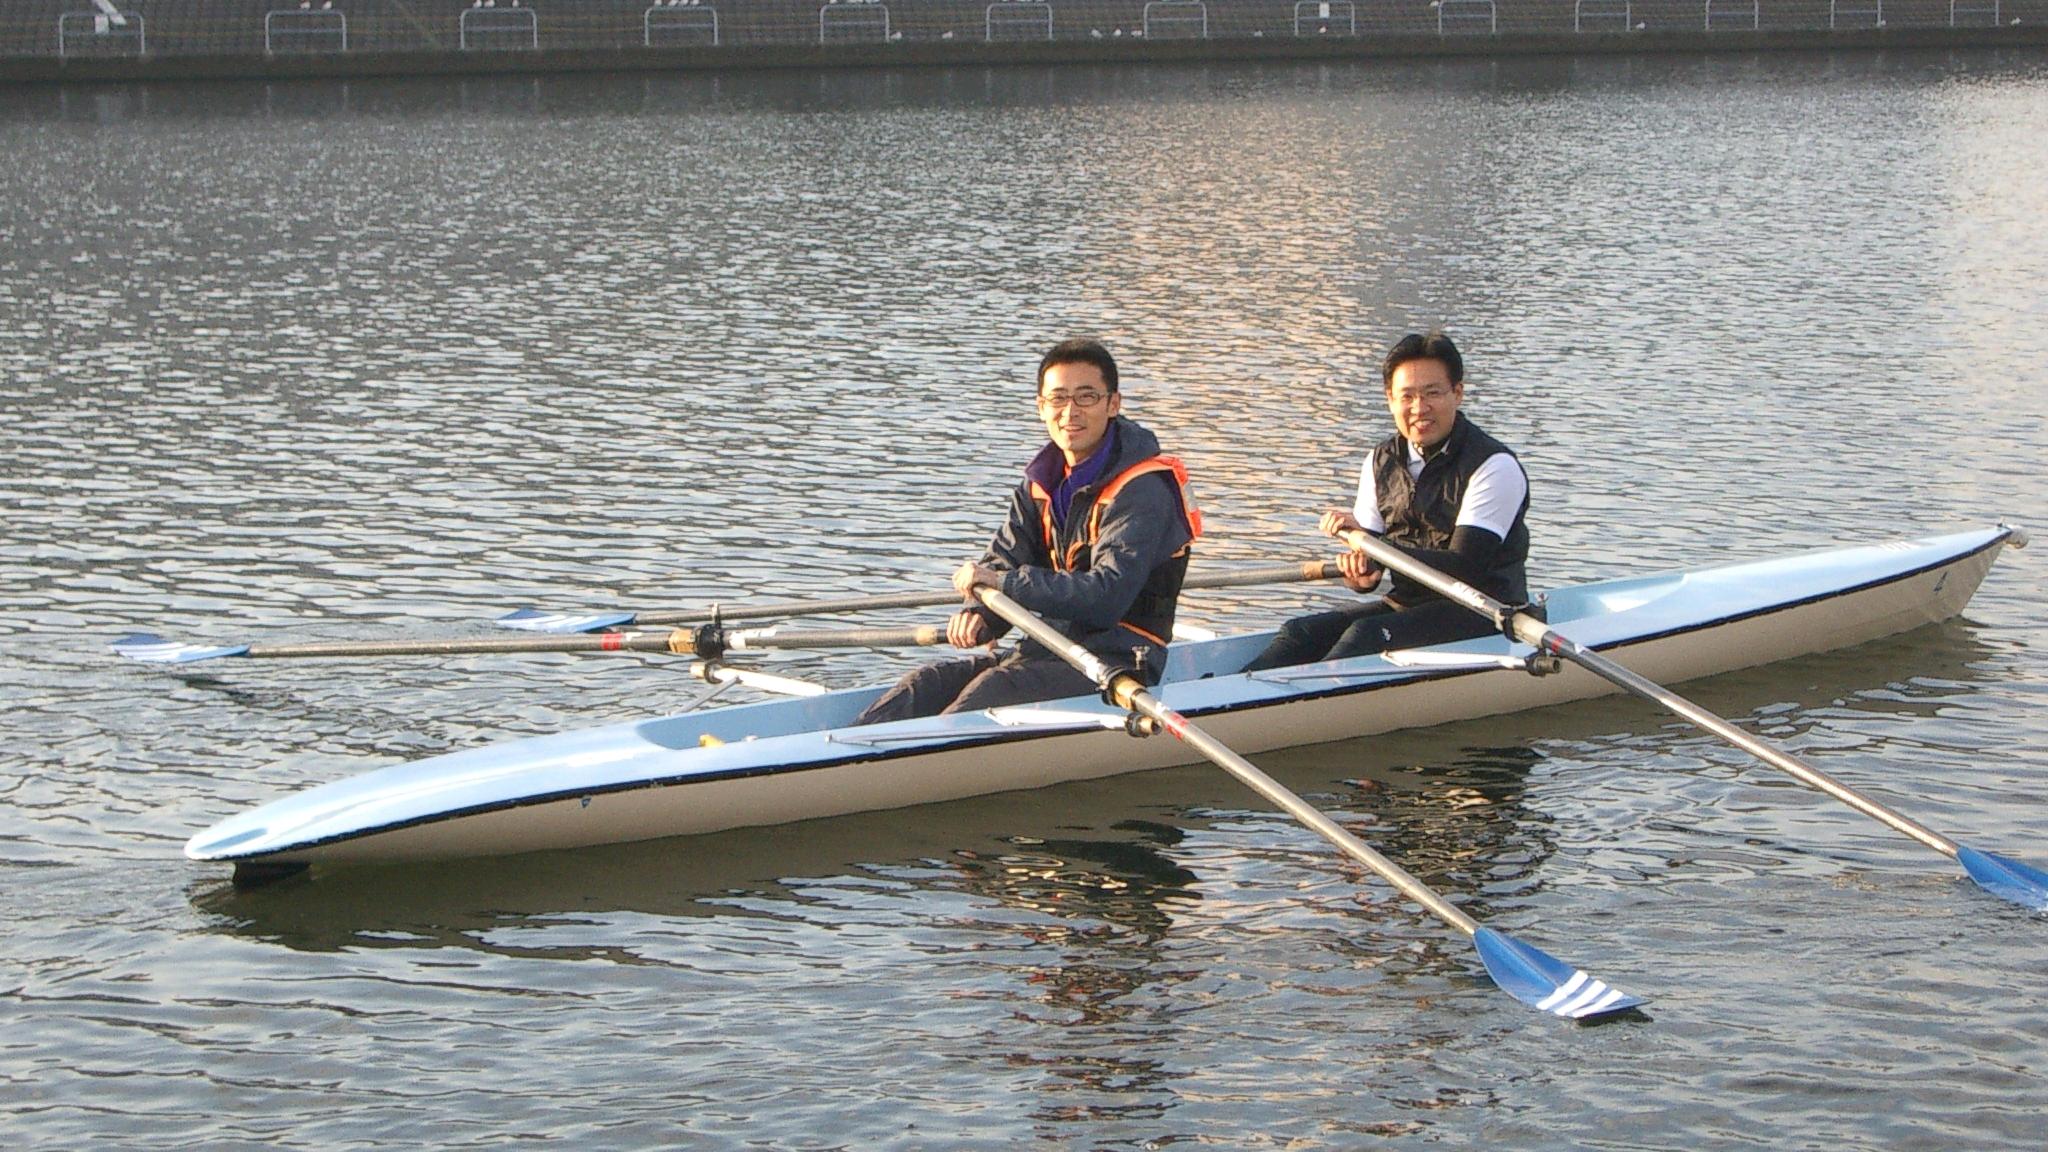 鶴見の漕艇所でボートを初体験!コーチングのクライアント様に手ほどき受ける。